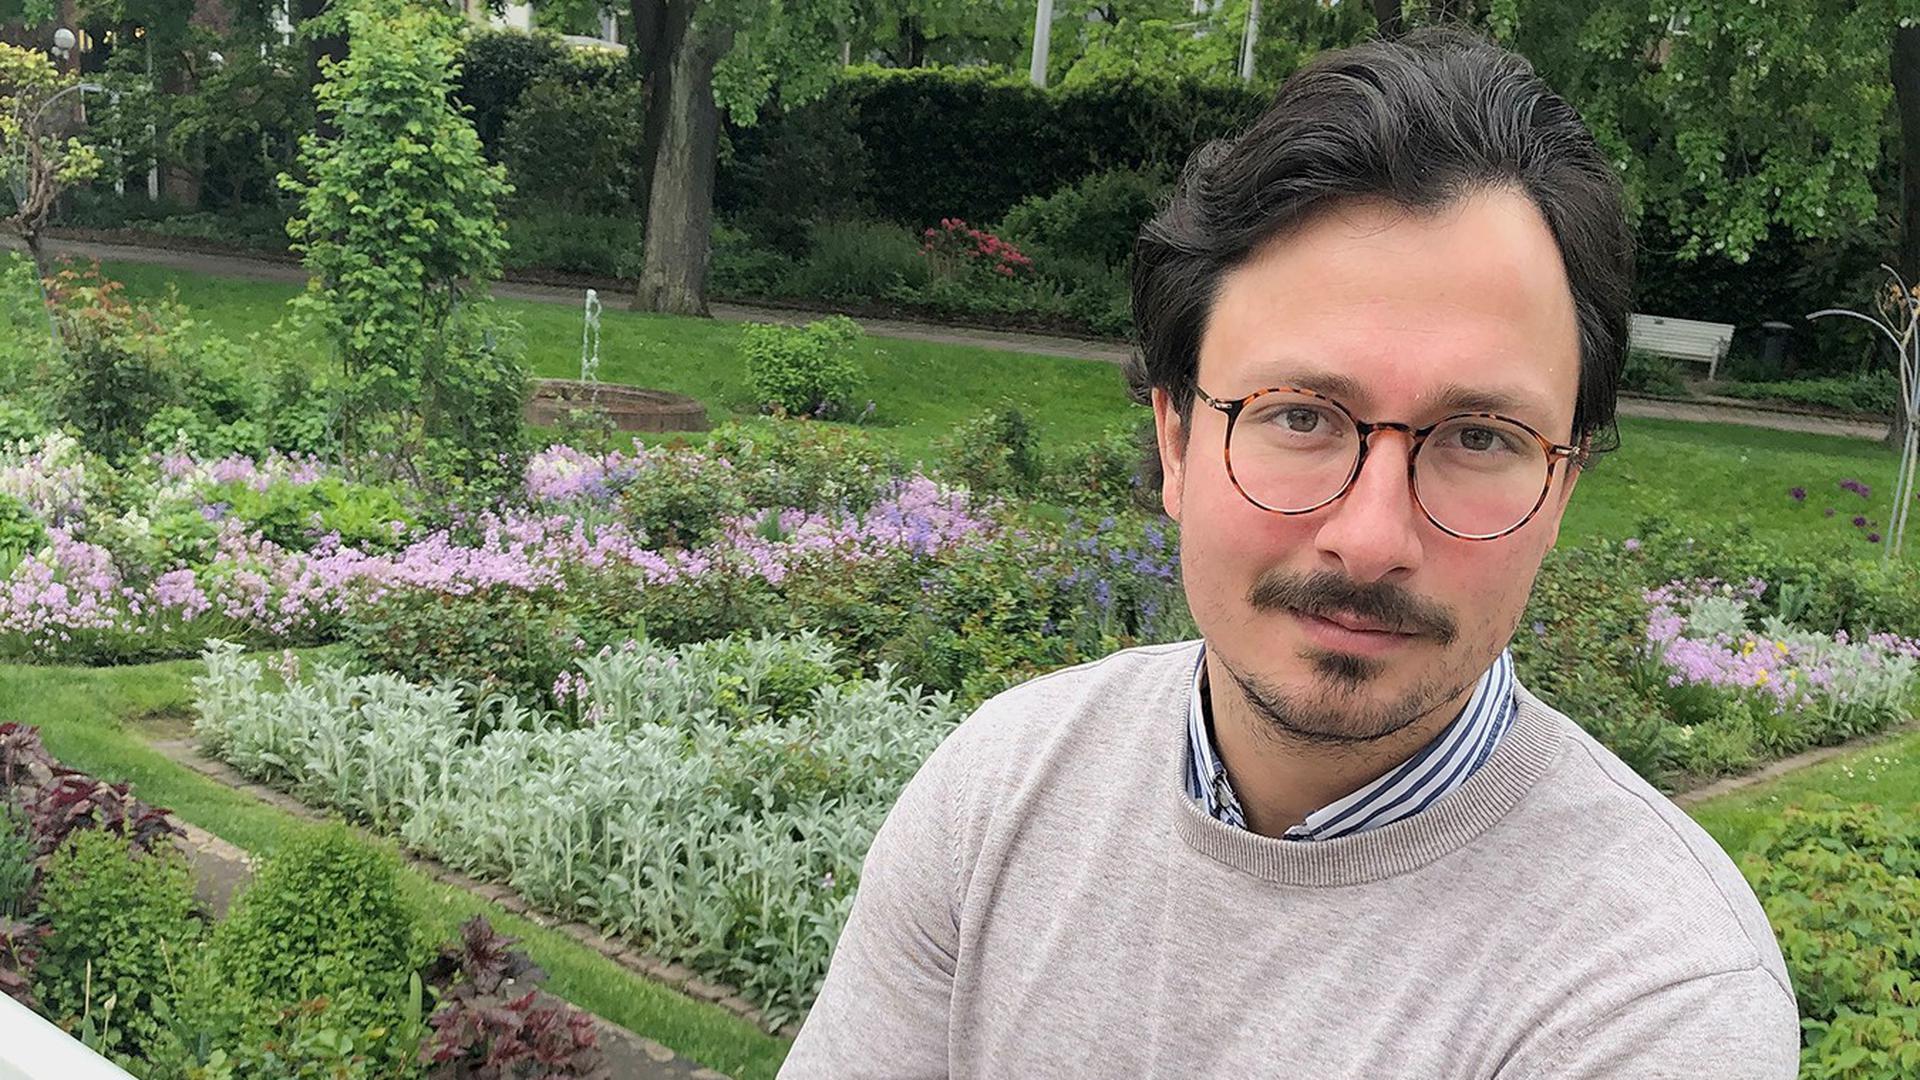 Sebastian Dahnert aus Ettlingen, Proband in der Impfstoff-Studie des Tübinger Unternehmens Curevac